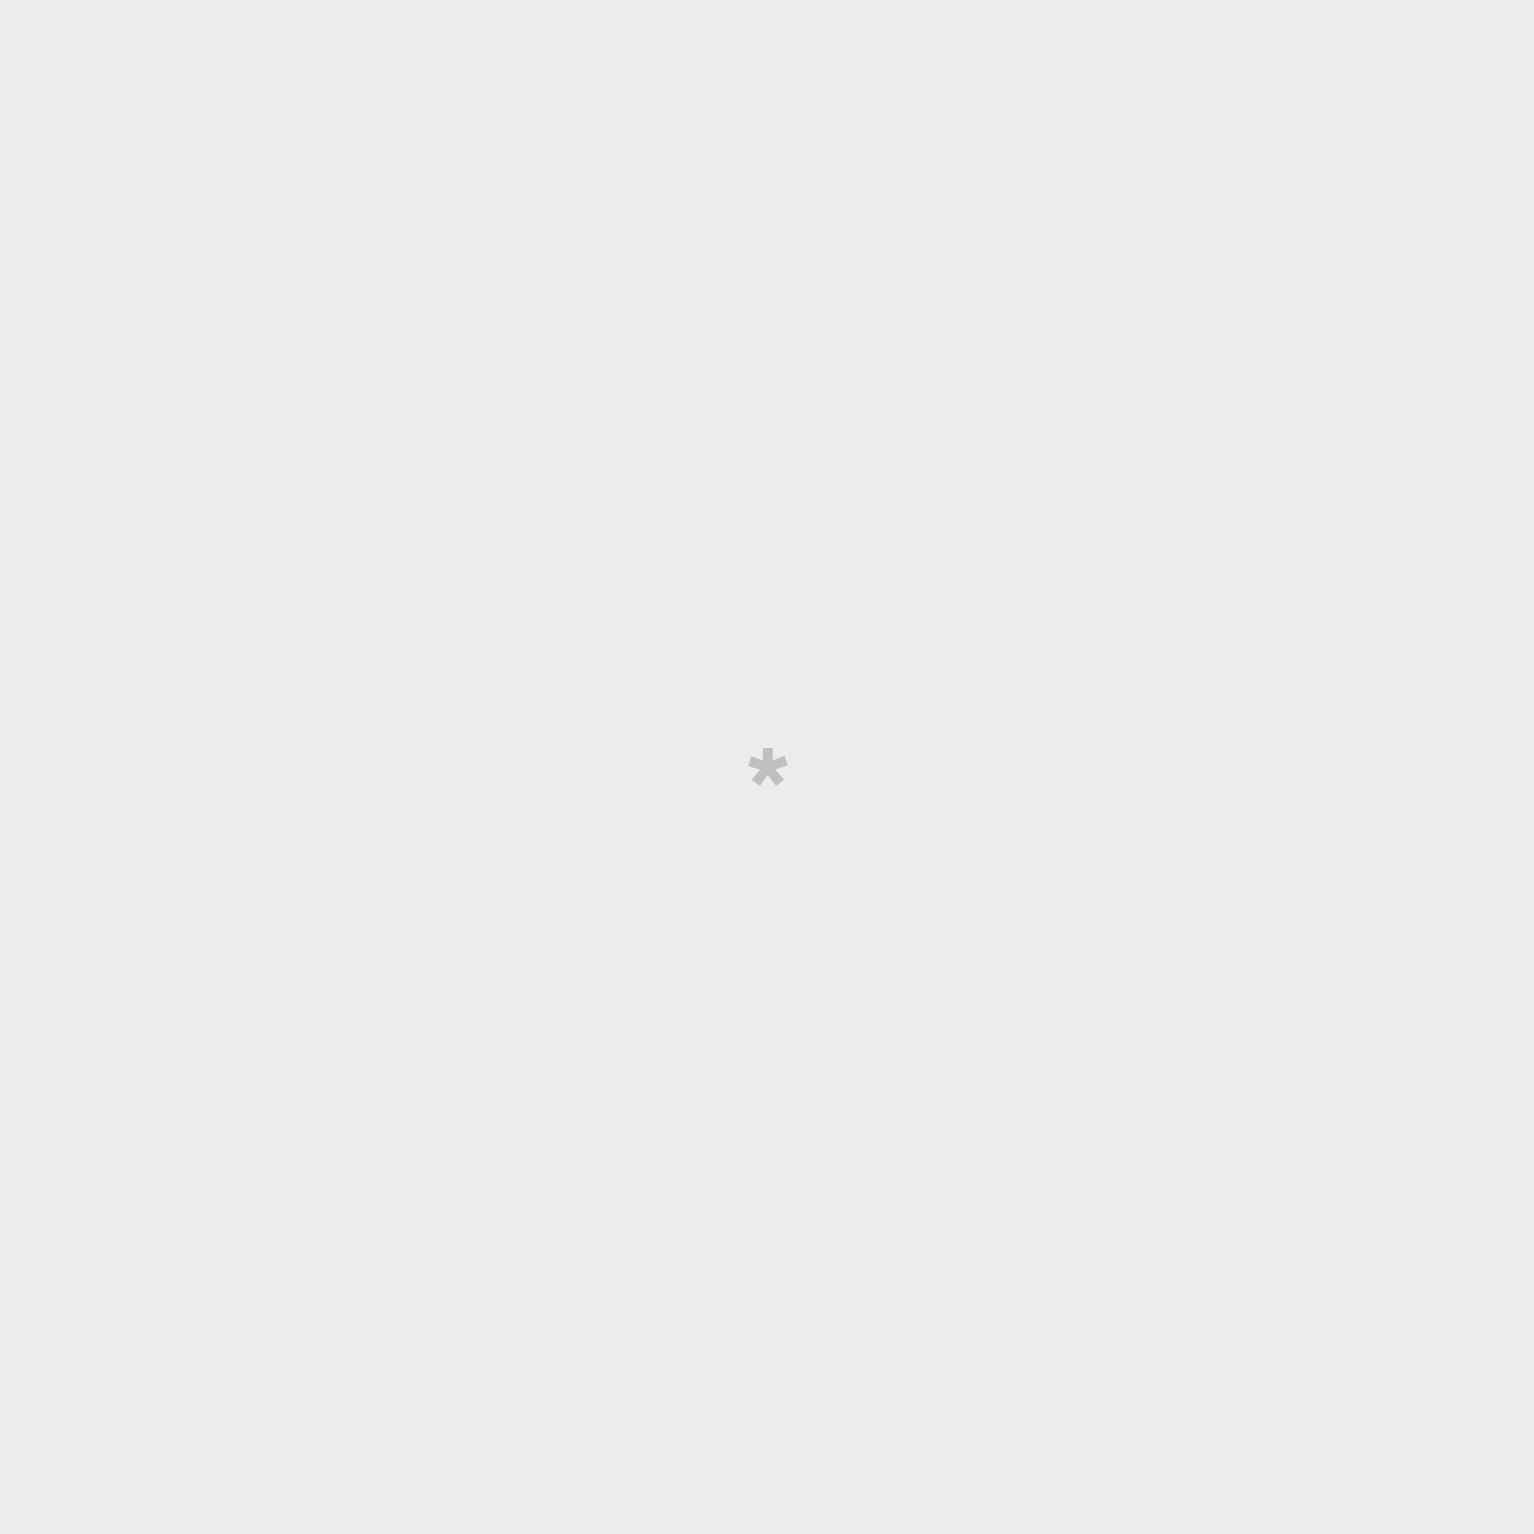 Enveloppe cadeau mariage - Vive l'amour véritable !